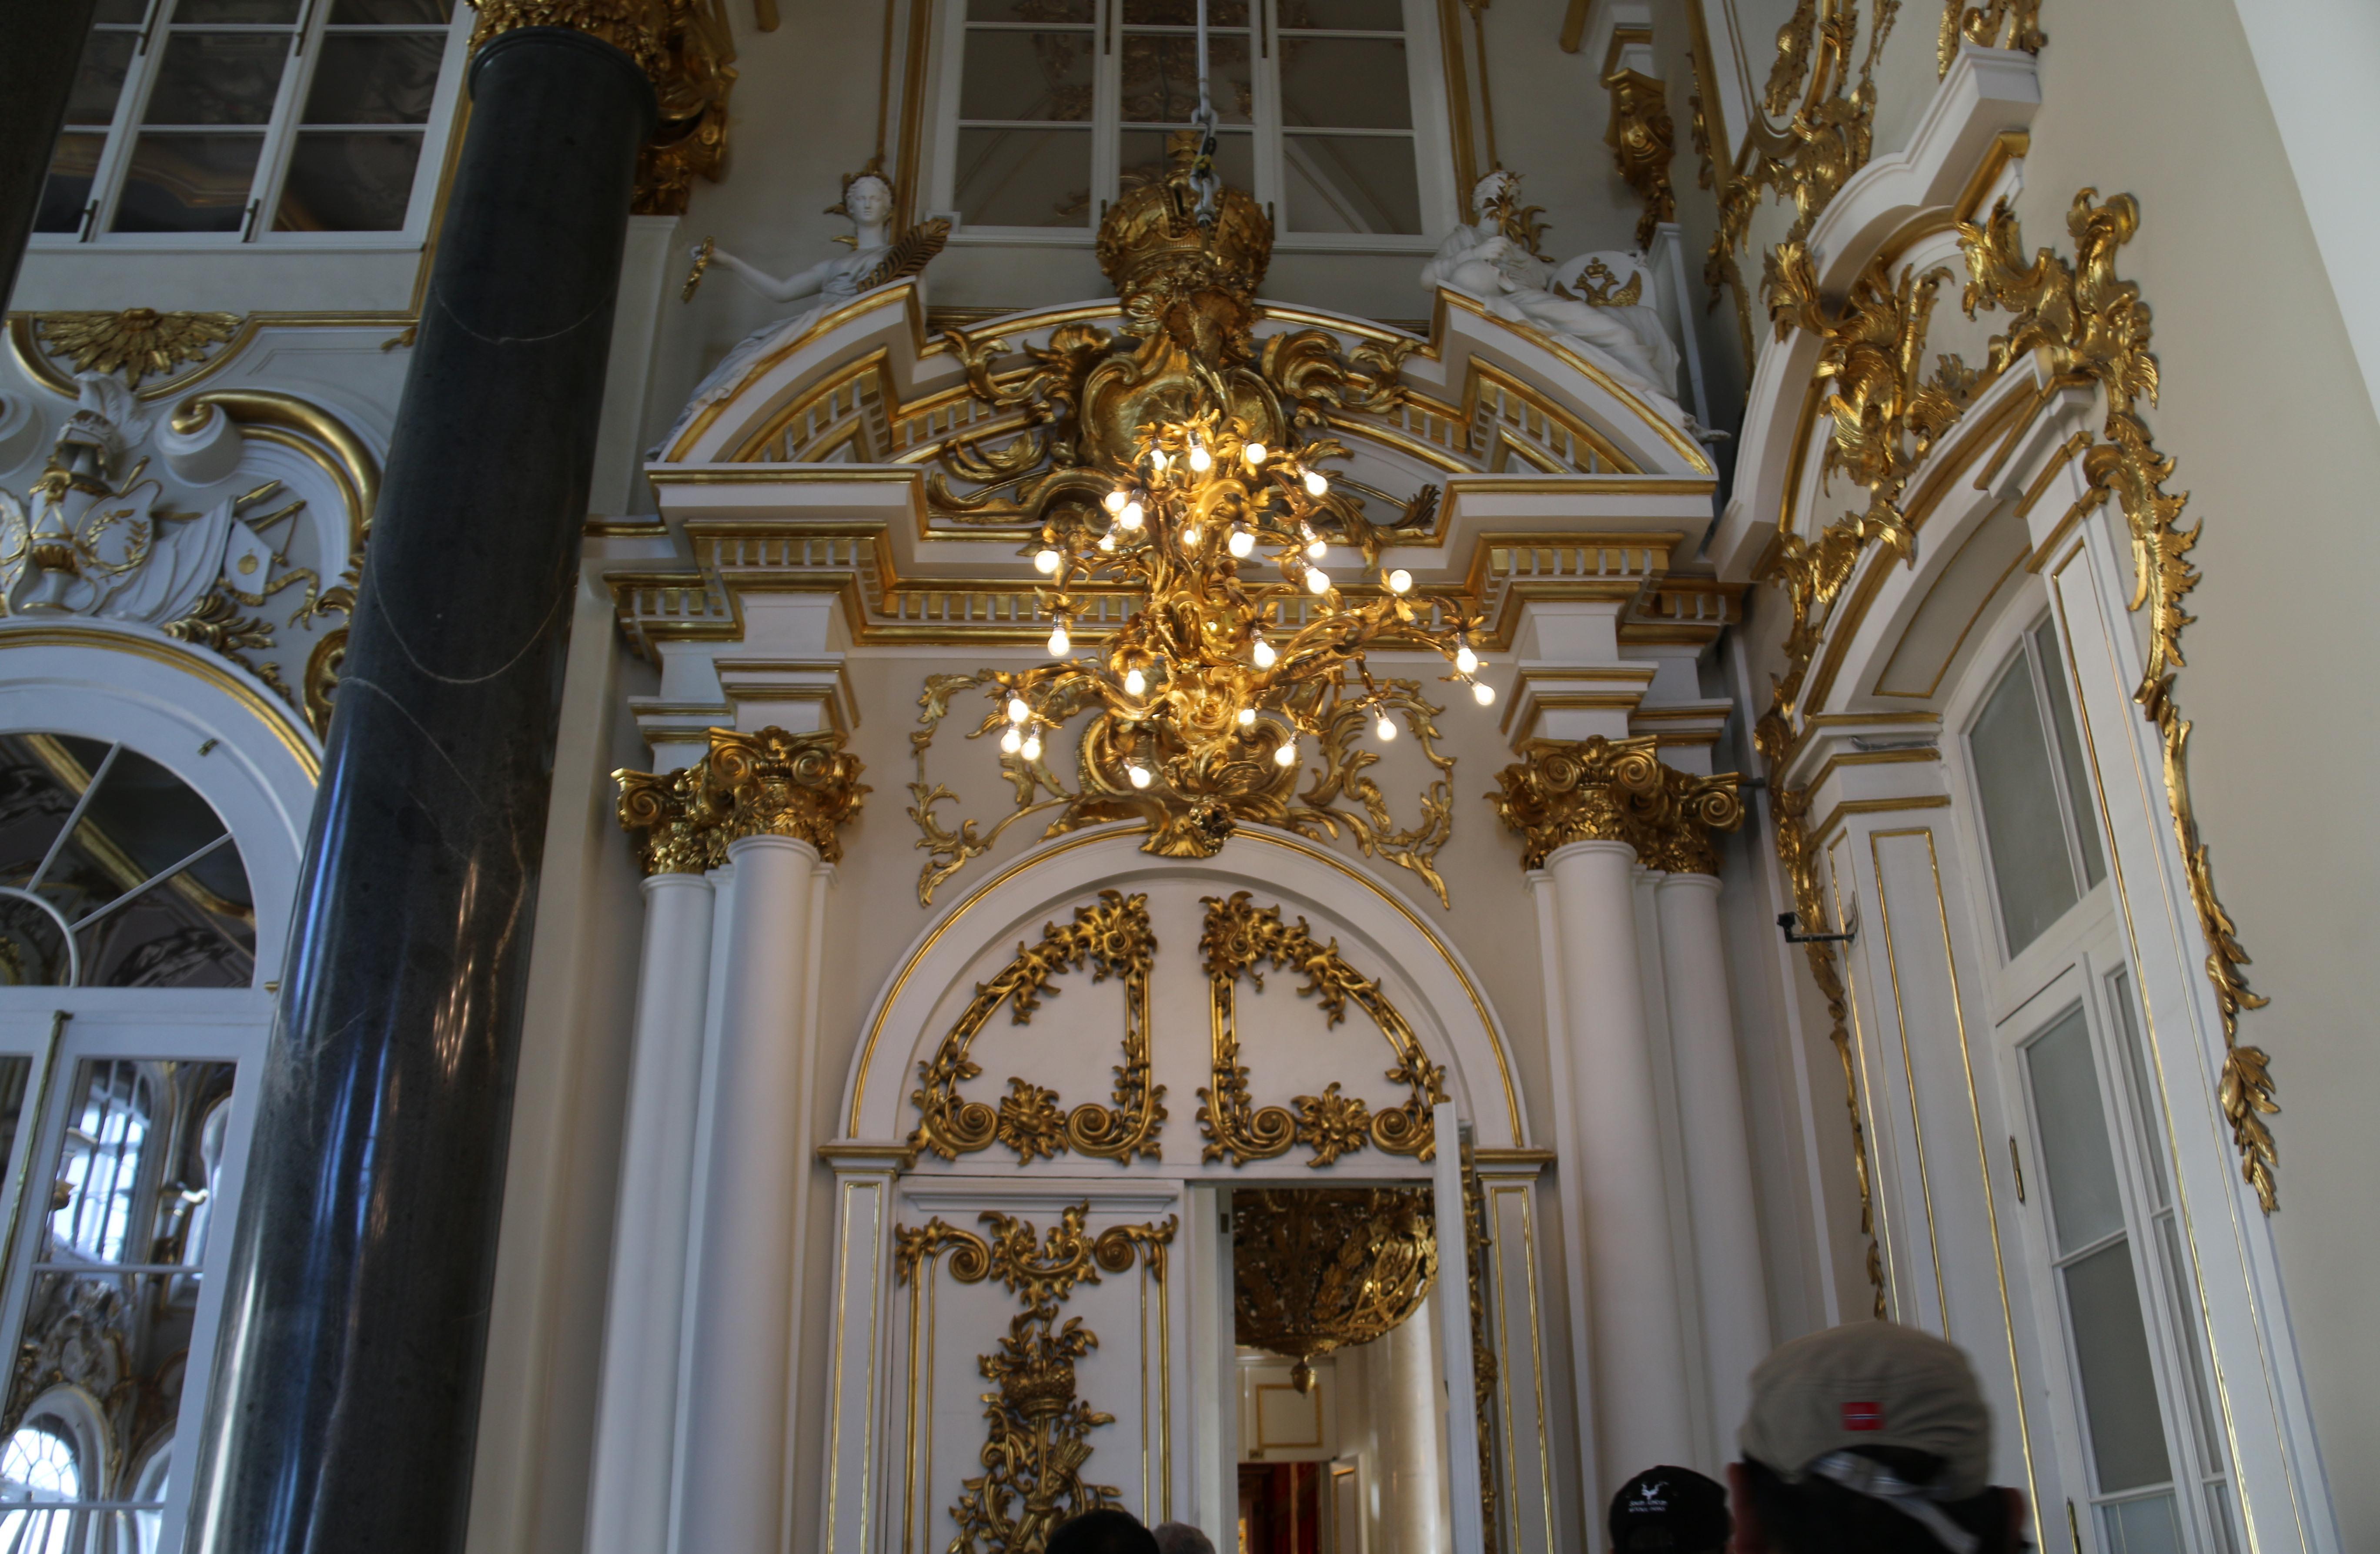 冬宫是俄罗斯著名的皇宫,同时也是世界上最大最古老的博物馆之一.